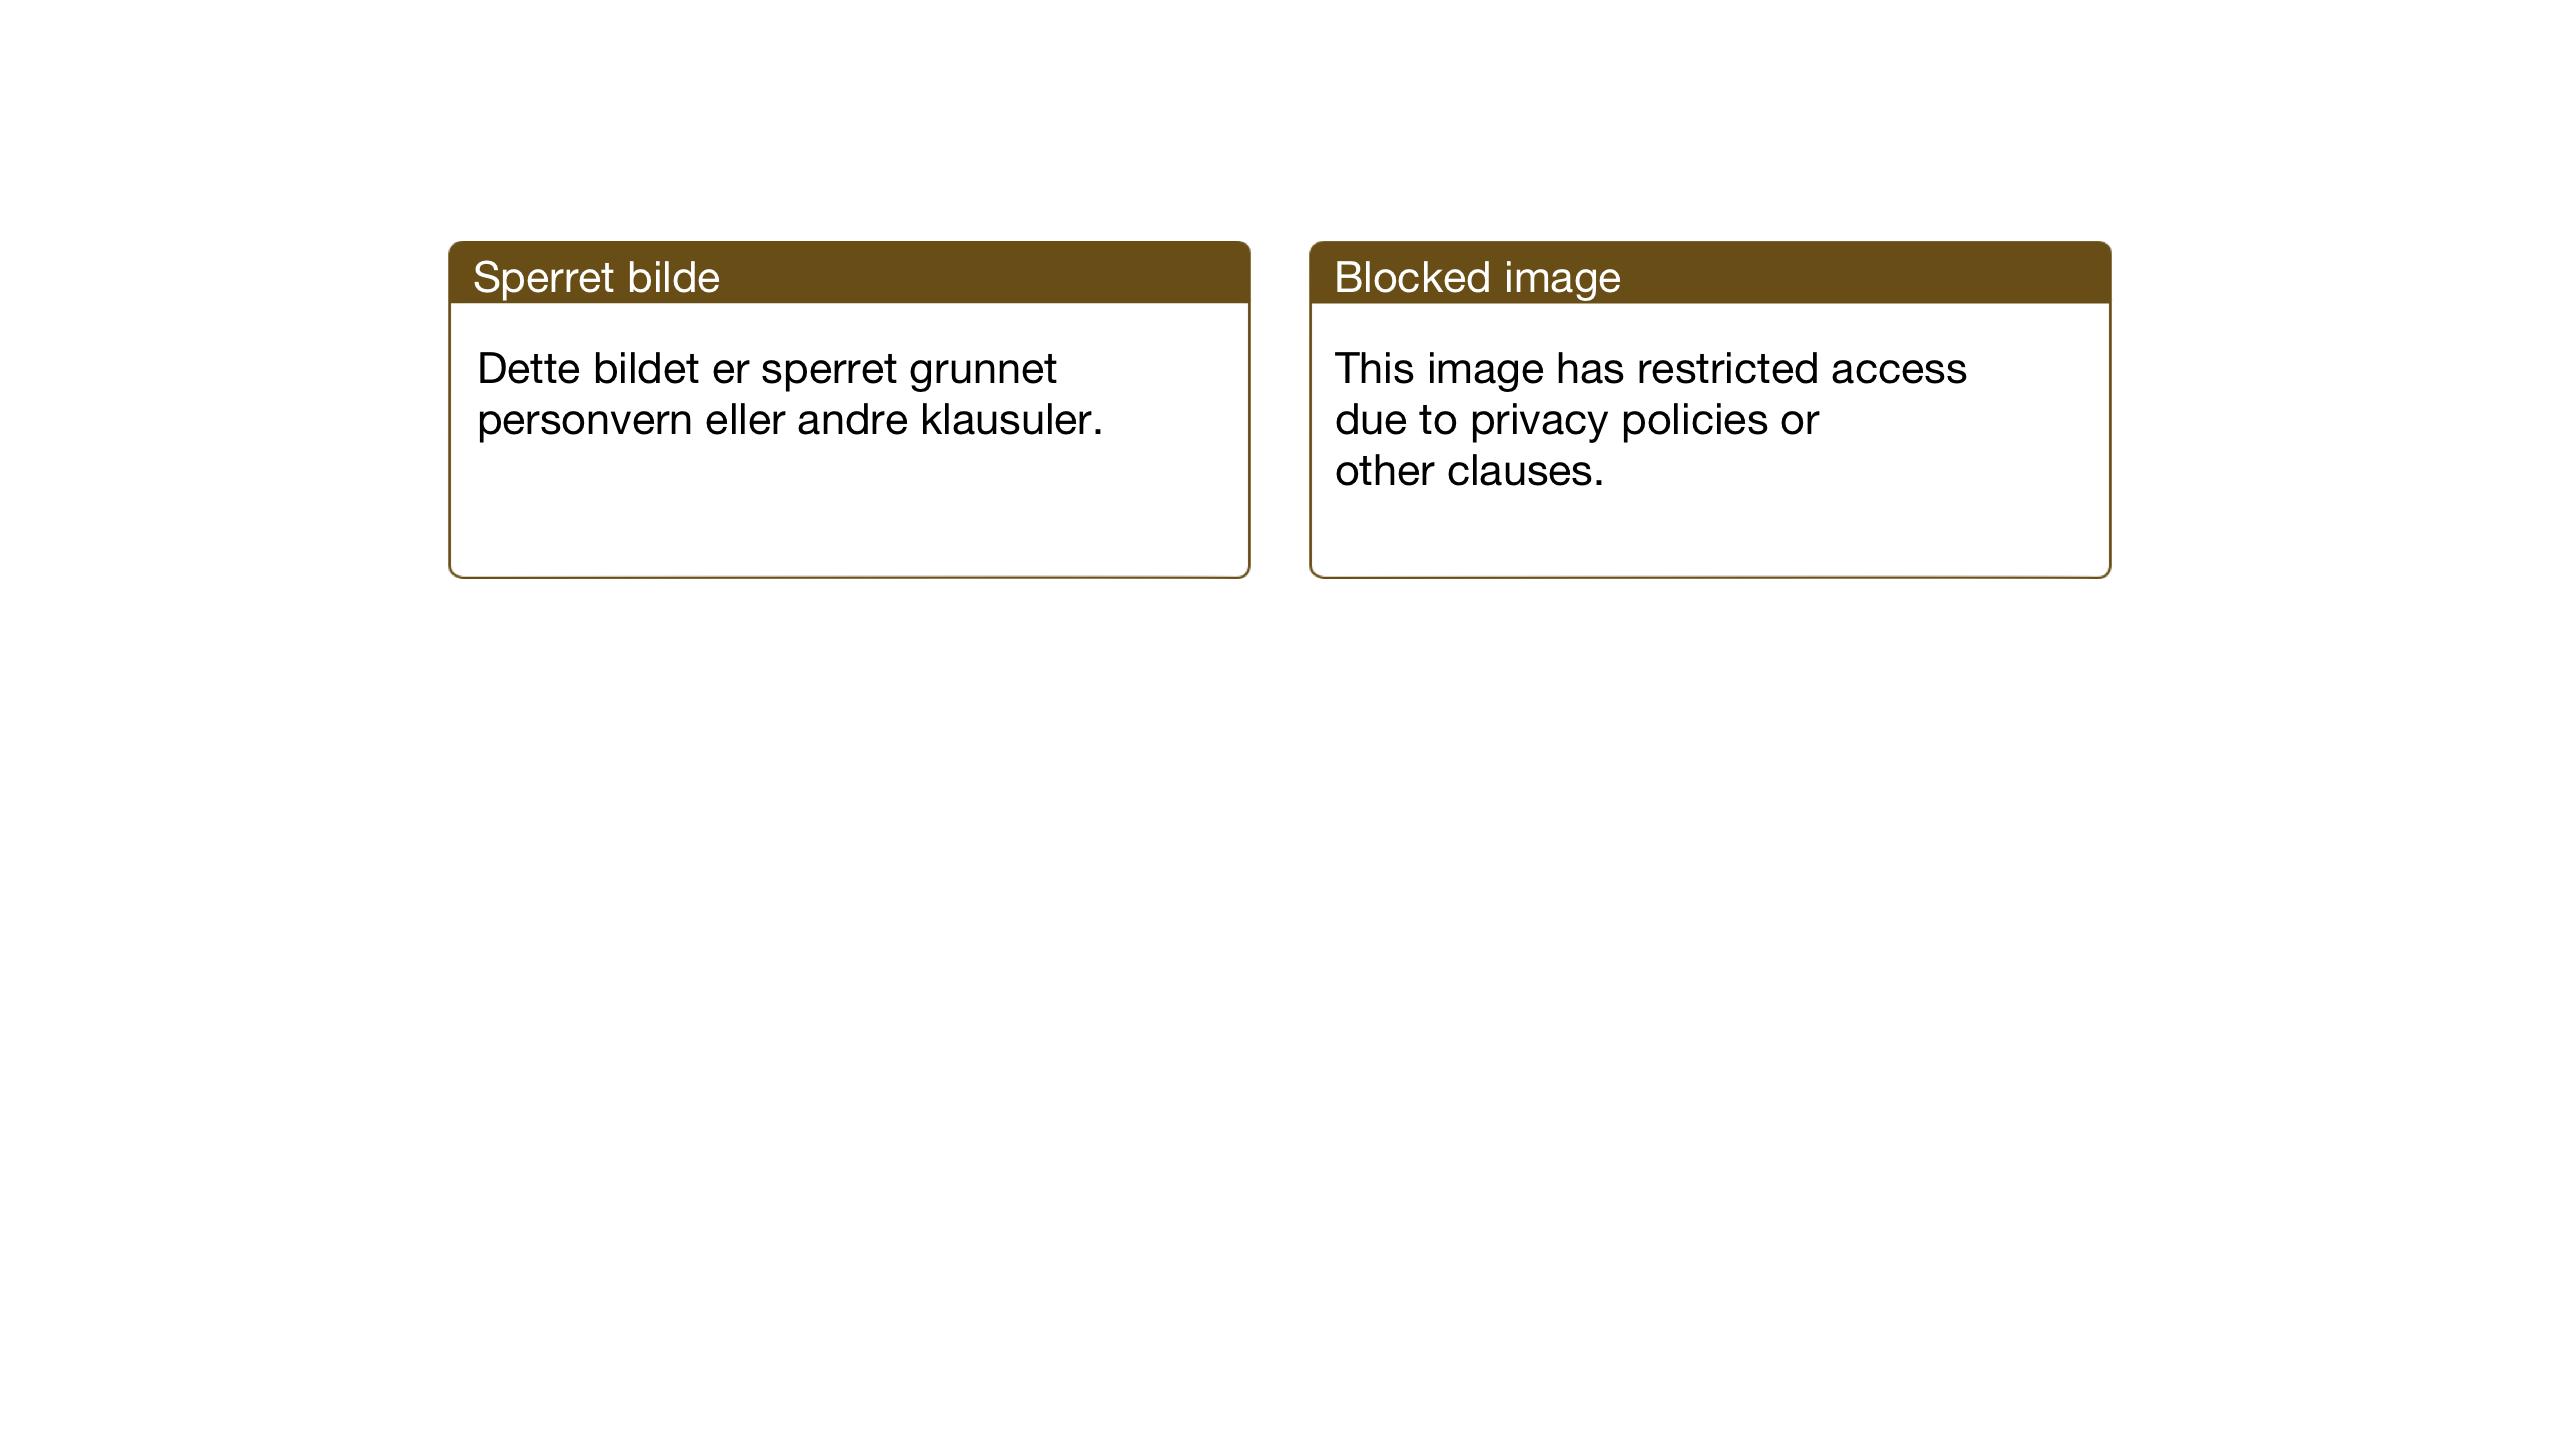 SAT, Ministerialprotokoller, klokkerbøker og fødselsregistre - Nord-Trøndelag, 786/L0689: Klokkerbok nr. 786C01, 1940-1948, s. 38-39